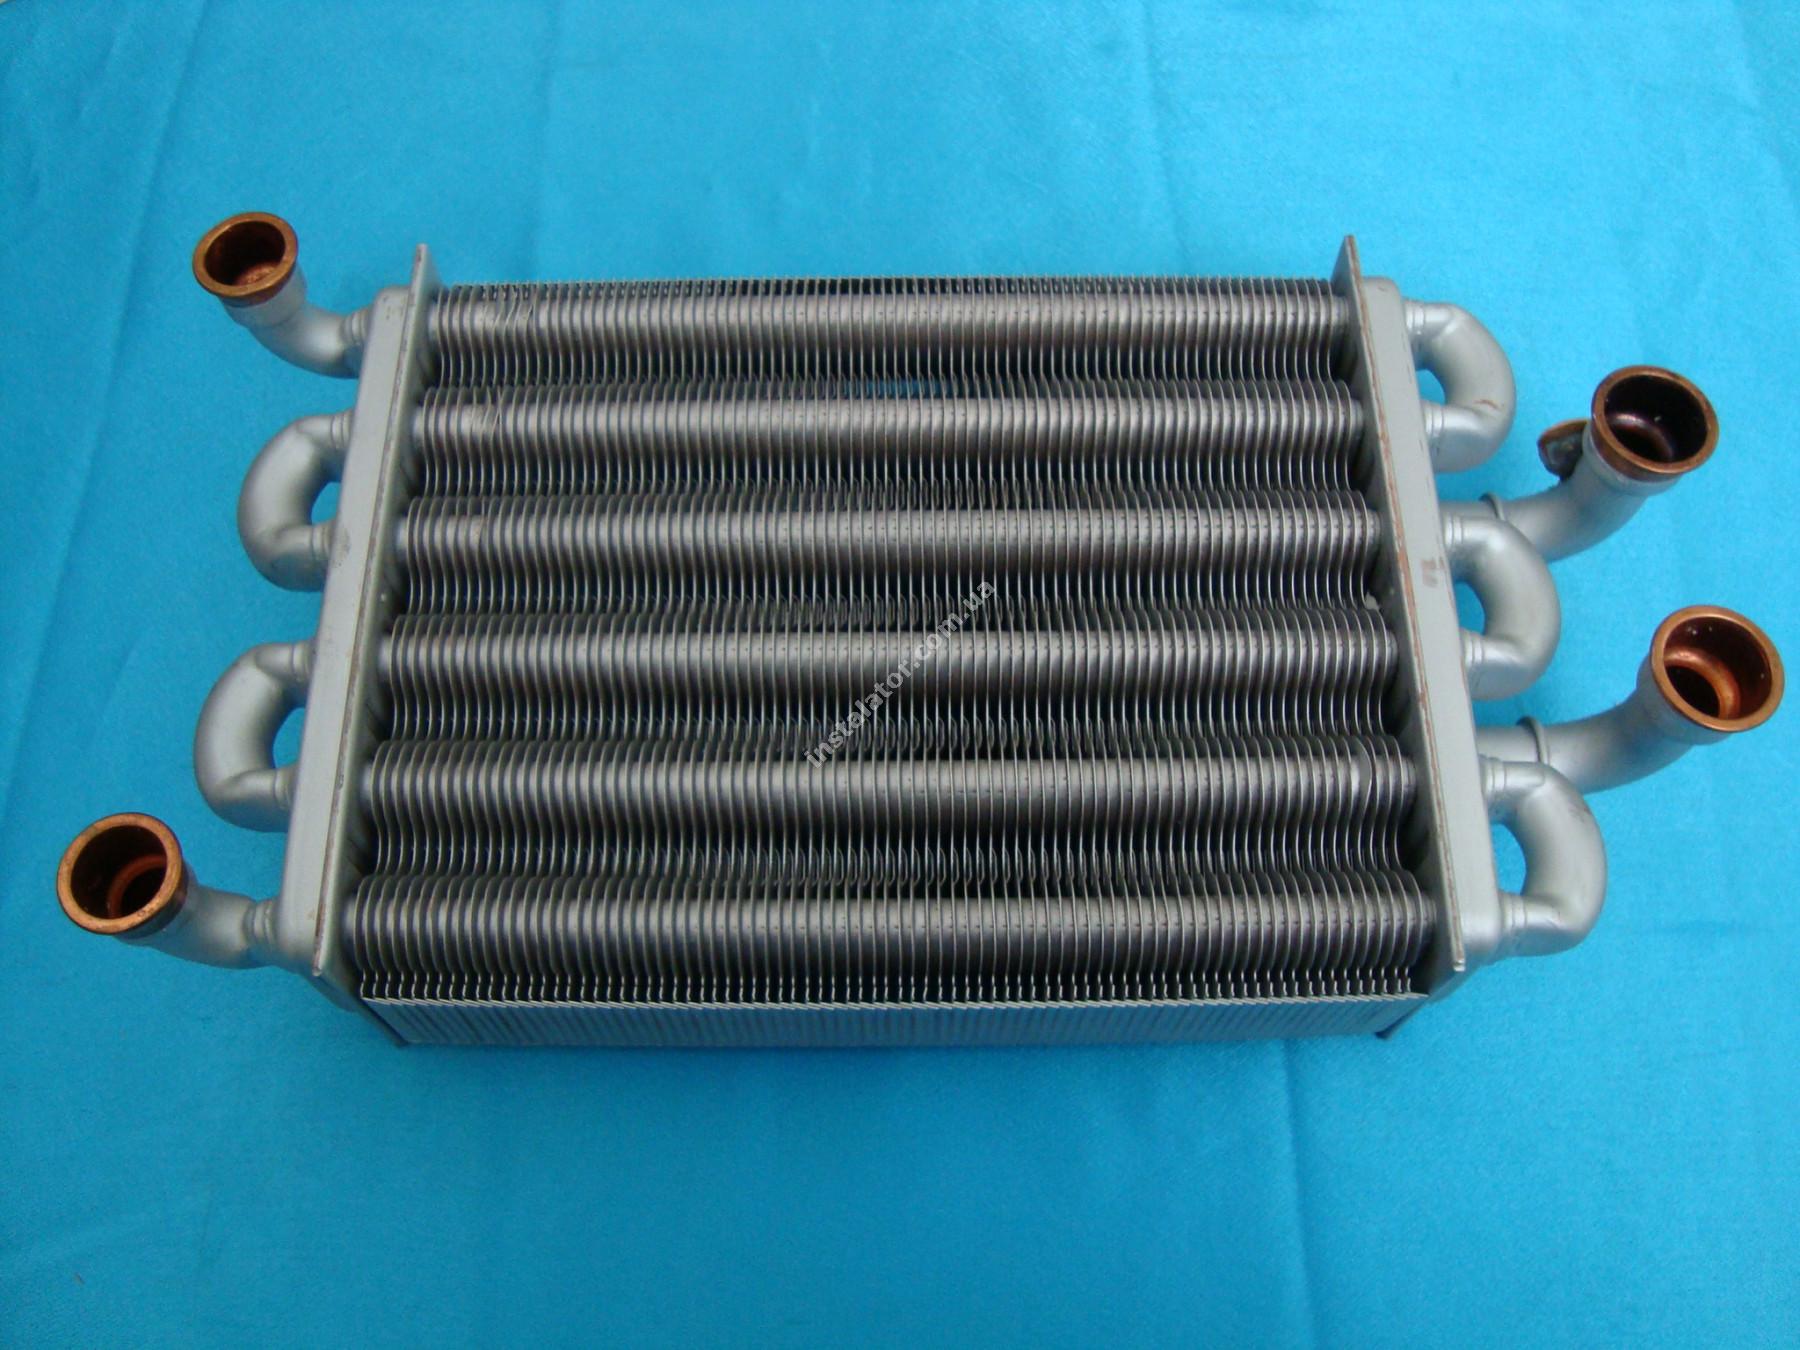 5700520 Теплообмінник бітермічний BAXI full-image-3